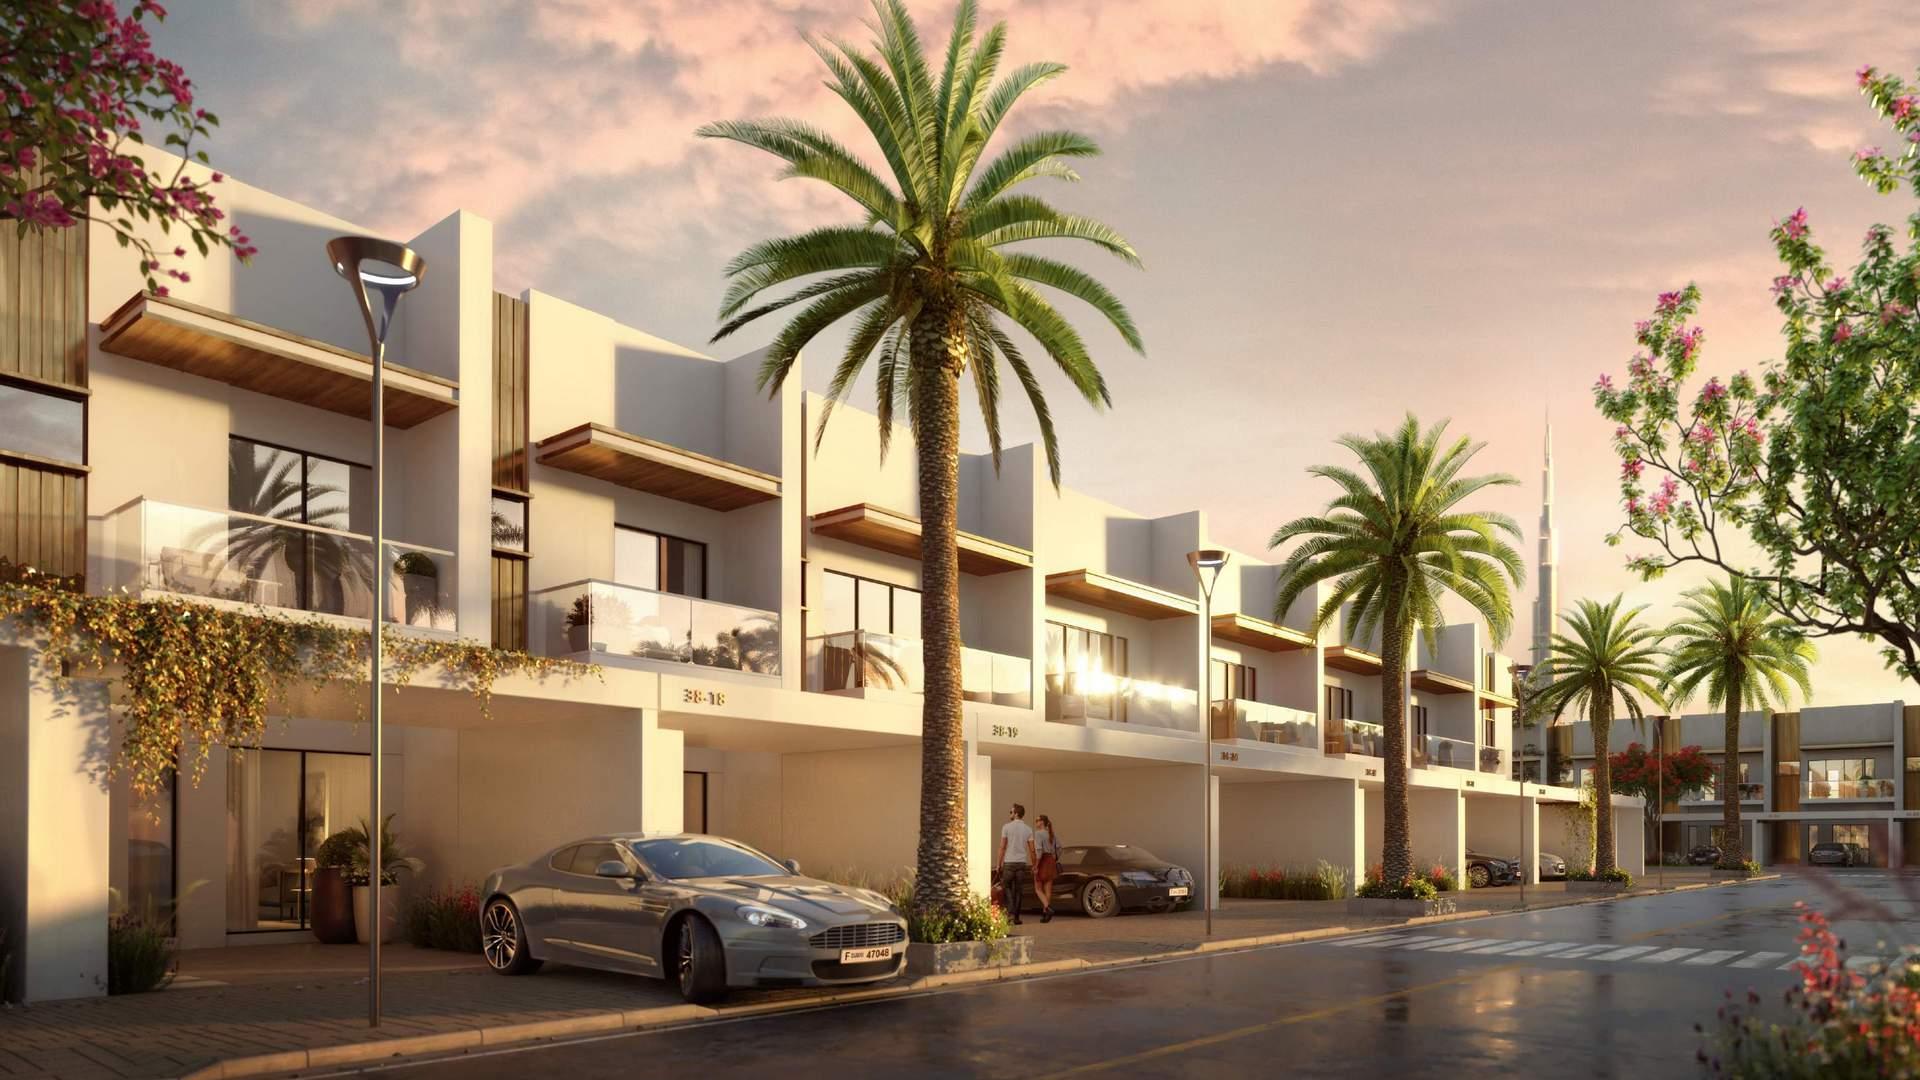 Adosado en venta en Dubai, EAU, 4 dormitorios, 418 m2, № 24056 – foto 6